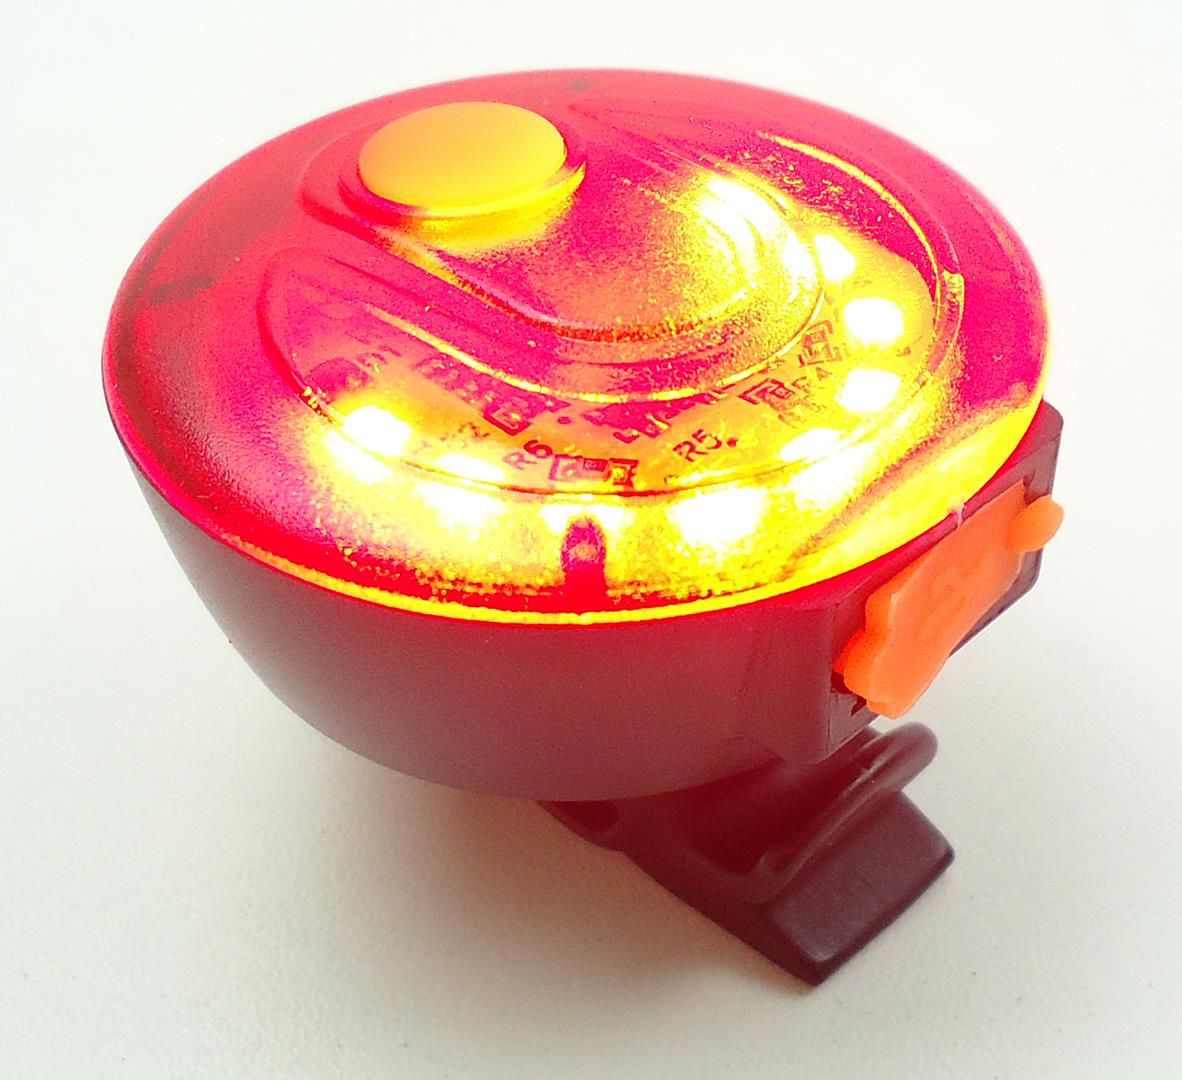 Sinalizador com Led JWS WS-8203 Recarregável USB Led Vermelho 5 Modos Super Forte